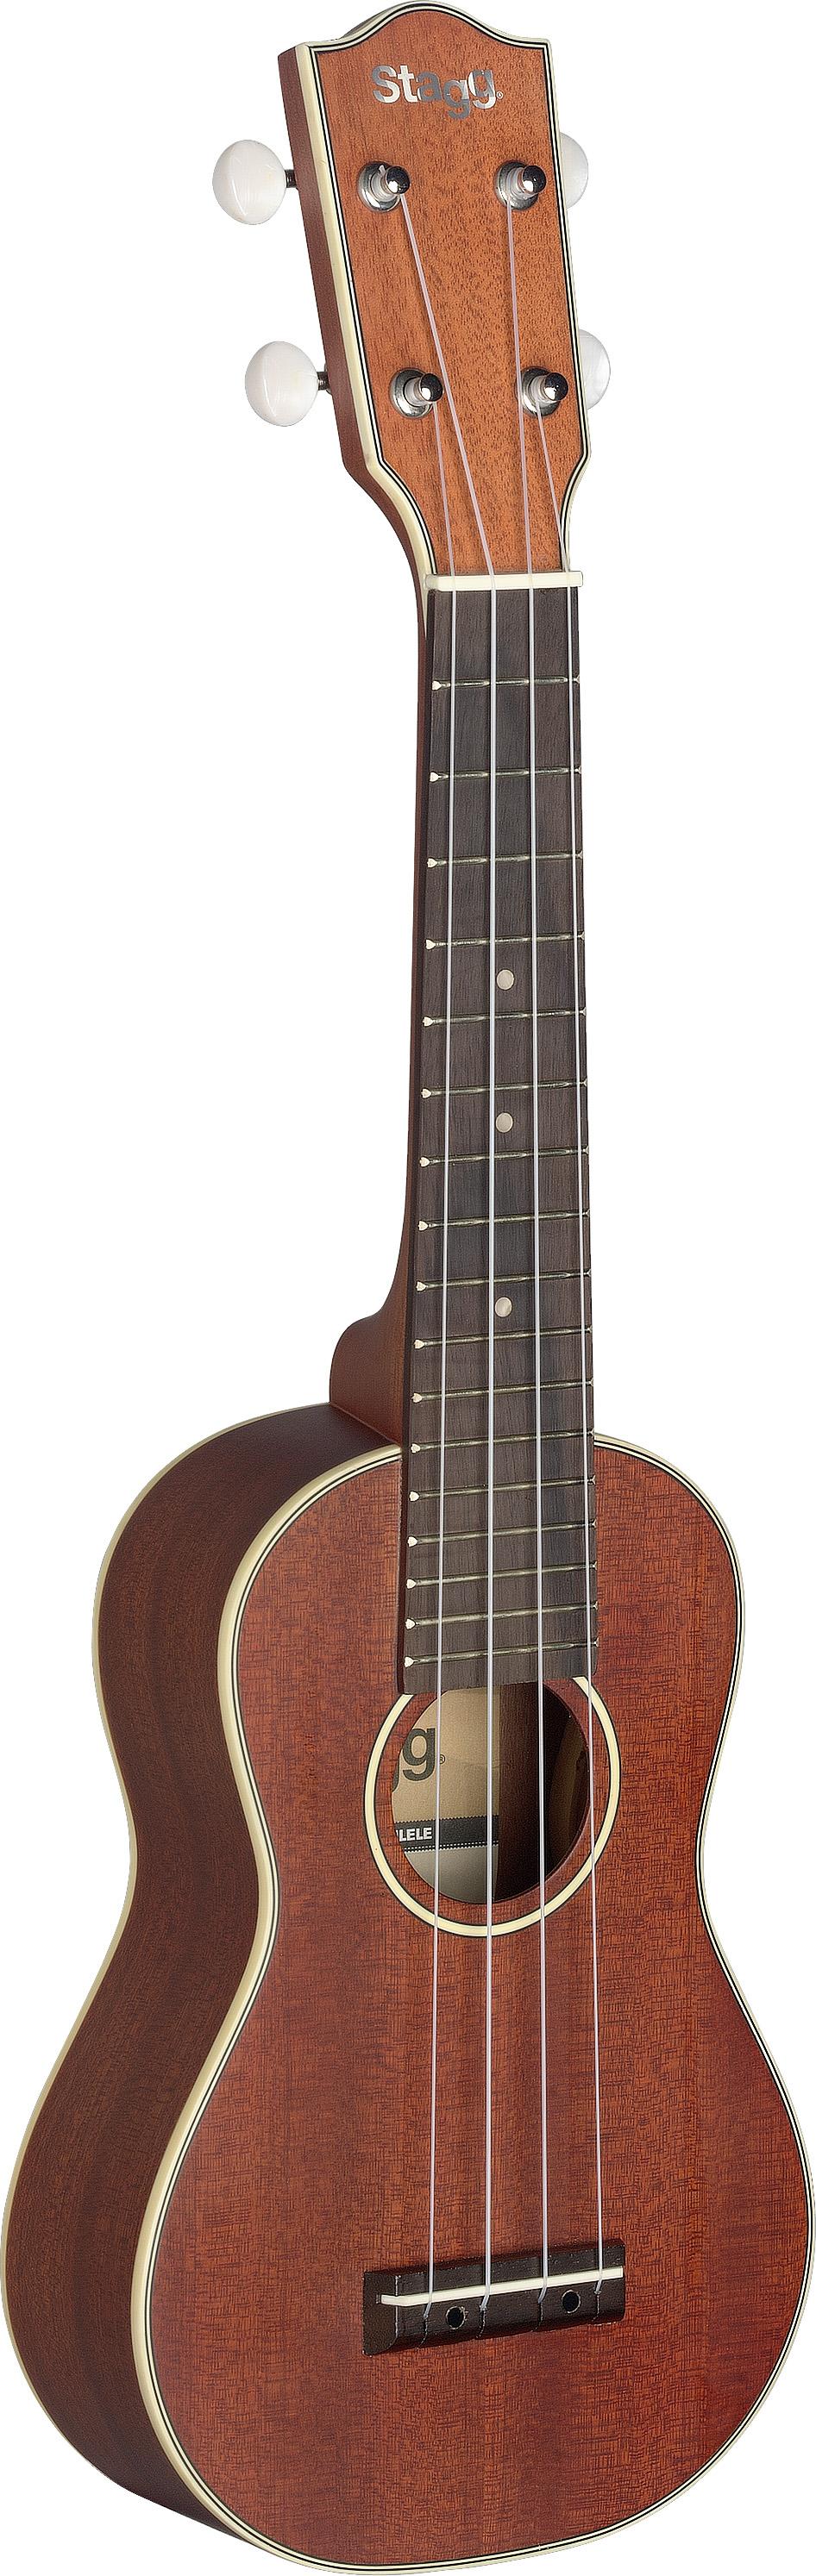 Stagg US80-S, sopránové ukulele, celomasivní mahagon